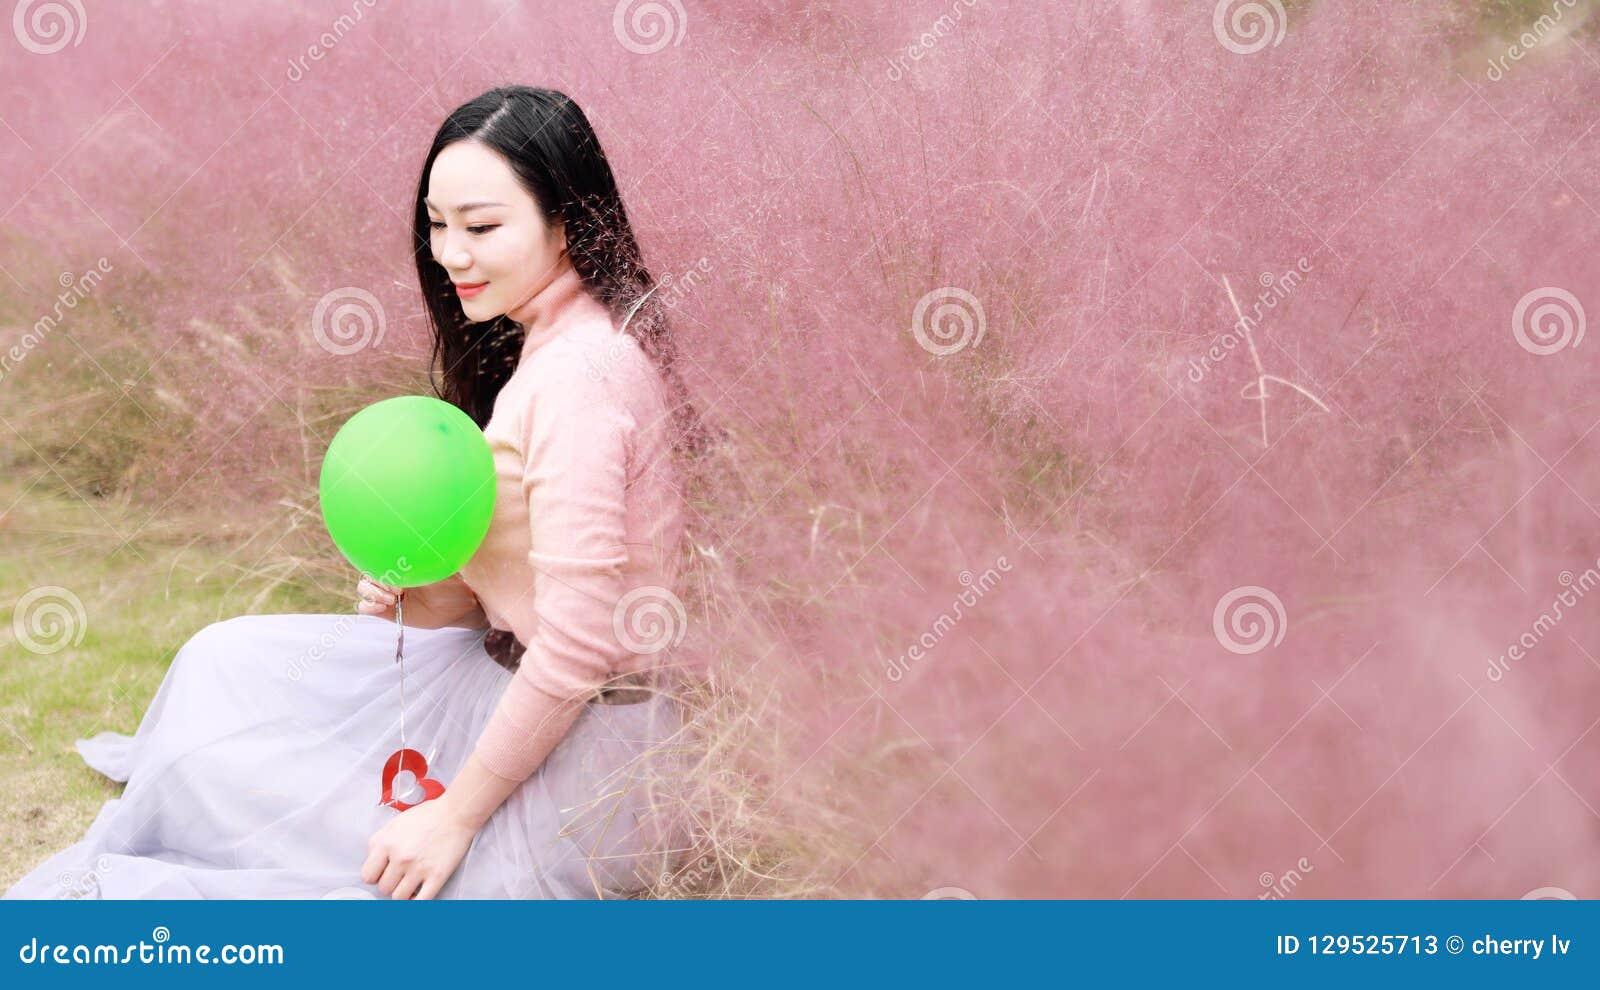 Szczęśliwy Azjatycki Chiński kobiety dziewczyny odczucia wolności sen modli się kwiatu pola spadku parka trawy gazonu nadziei ksi